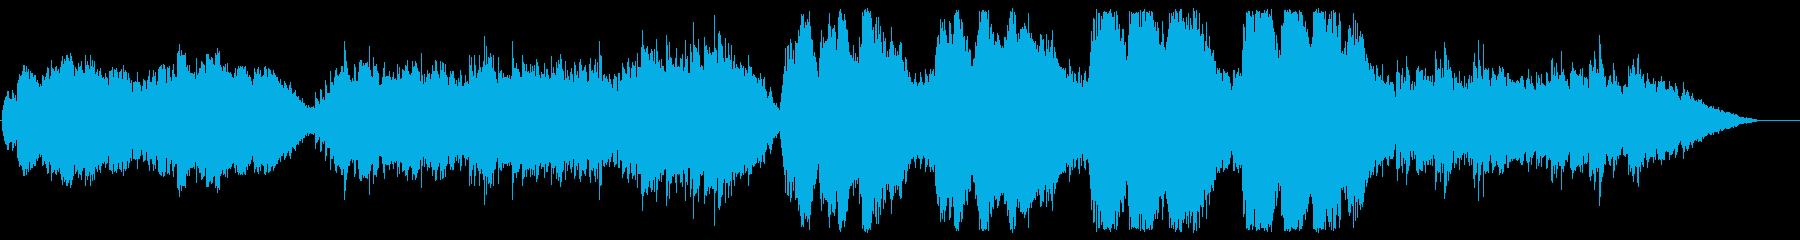 広がりのあるストリングスが特徴的なBGMの再生済みの波形